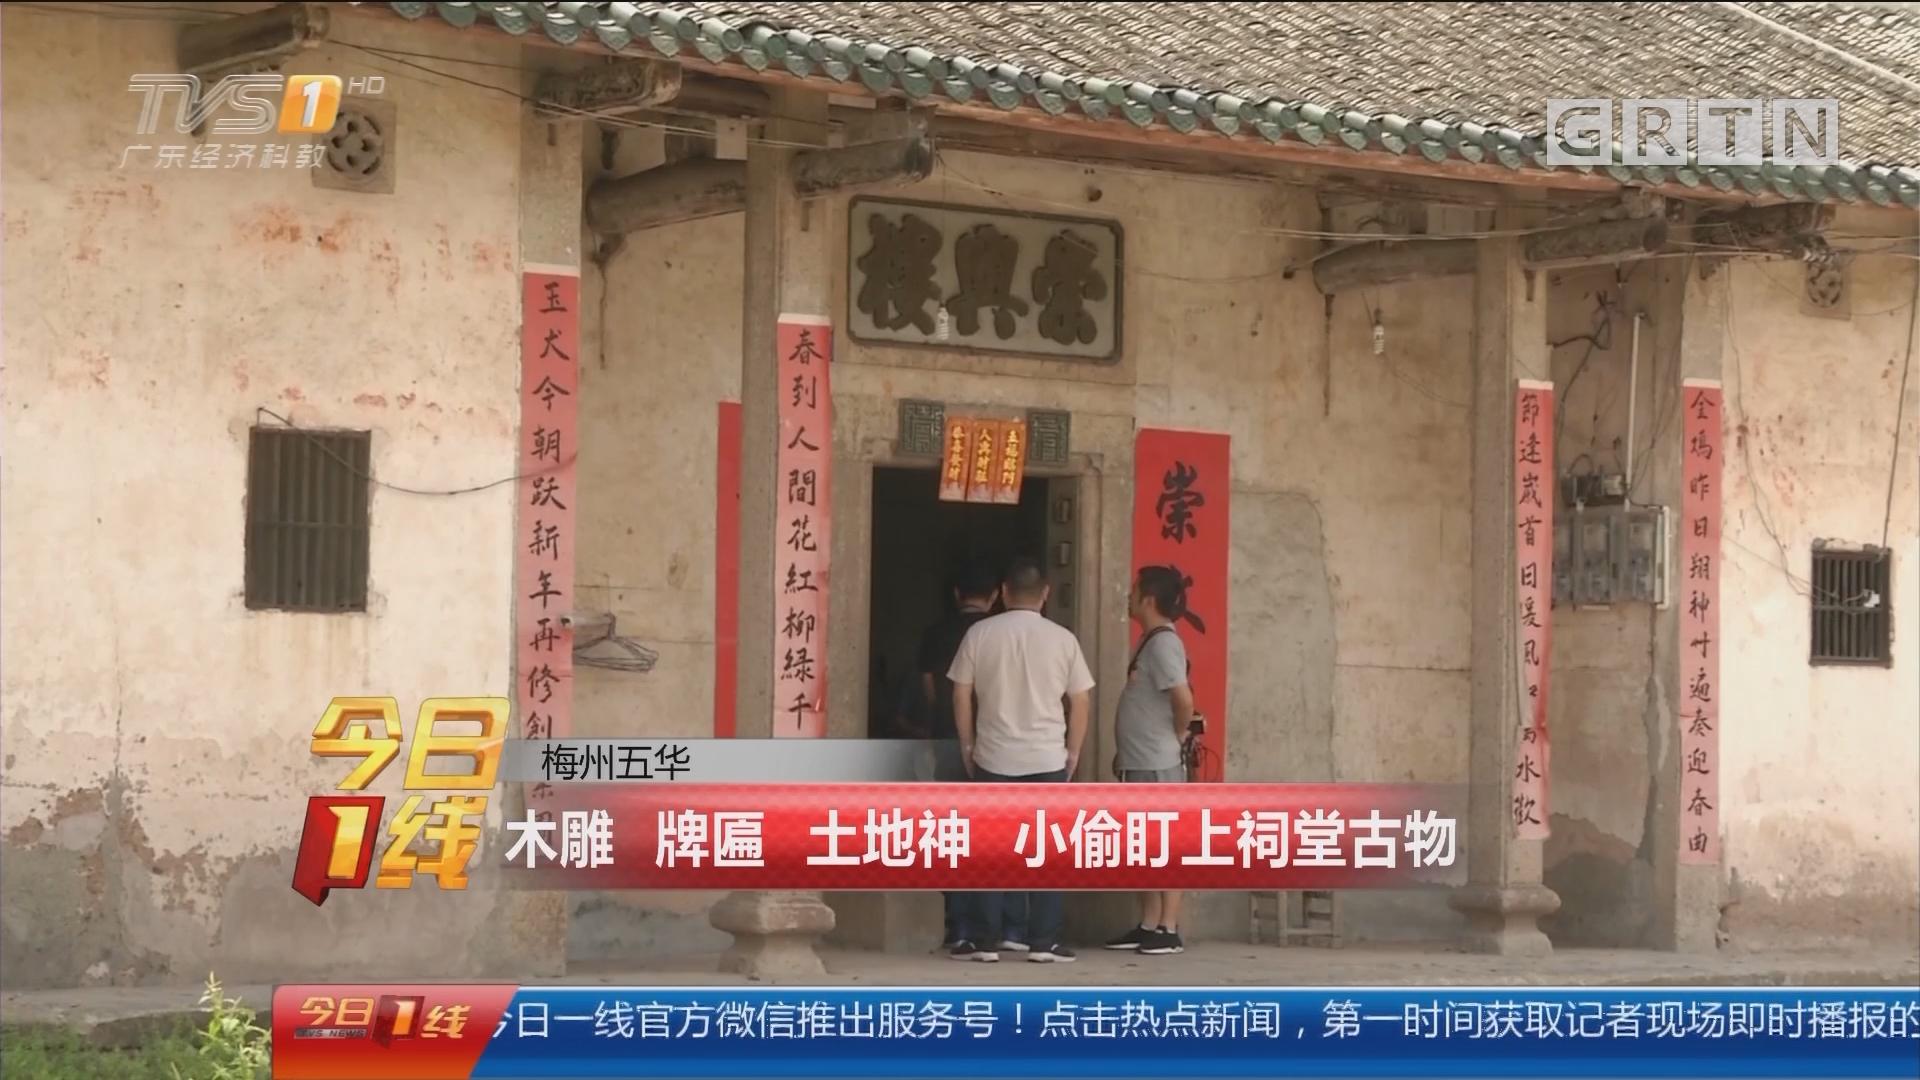 梅州五华:木雕 牌匾 土地神 小偷盯上祠堂古物